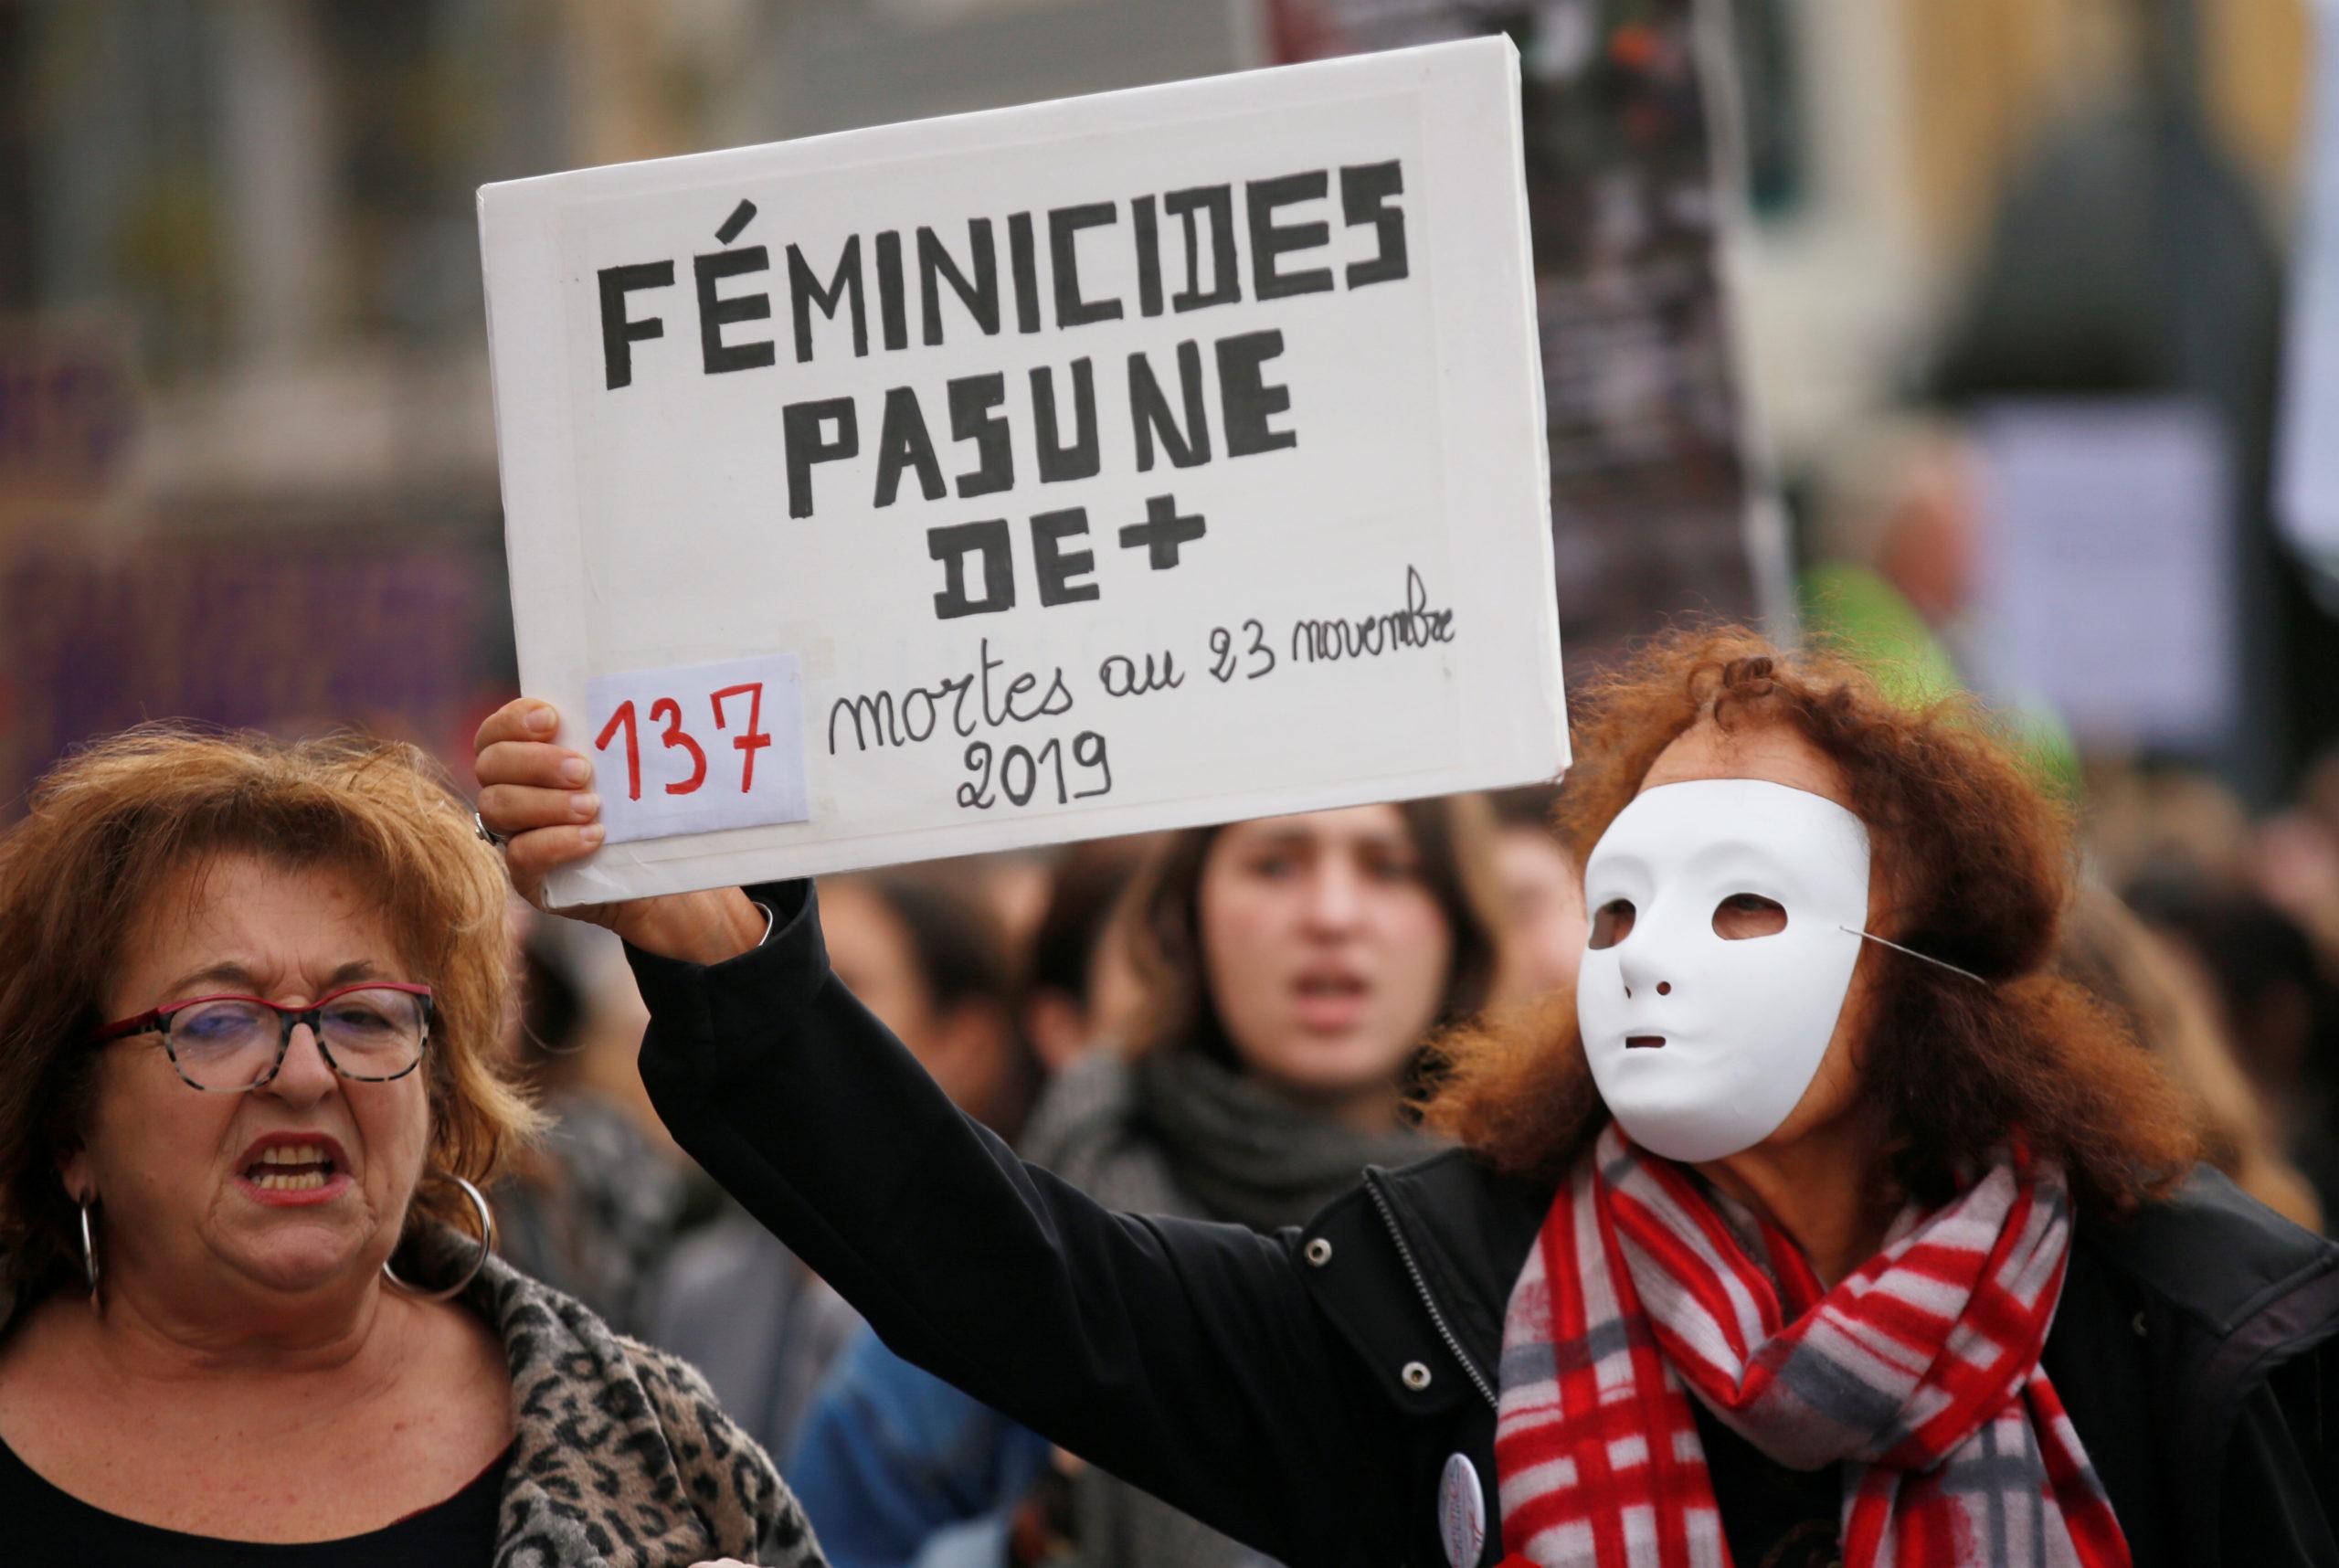 """Plusieurs dizaines de milliers de personnes ont manifesté samedi à Paris et dans d'autres villes de France contre les violences faites aux femmes, un phénomène mis en lumière par une multitude de faits divers et par un """"Grenelle"""" dont le gouvernement dévoilera les conclusions la semaine prochaine. /Photo prise le 23 novembre 2019/REUTERS/Jean-Paul Pelissier"""